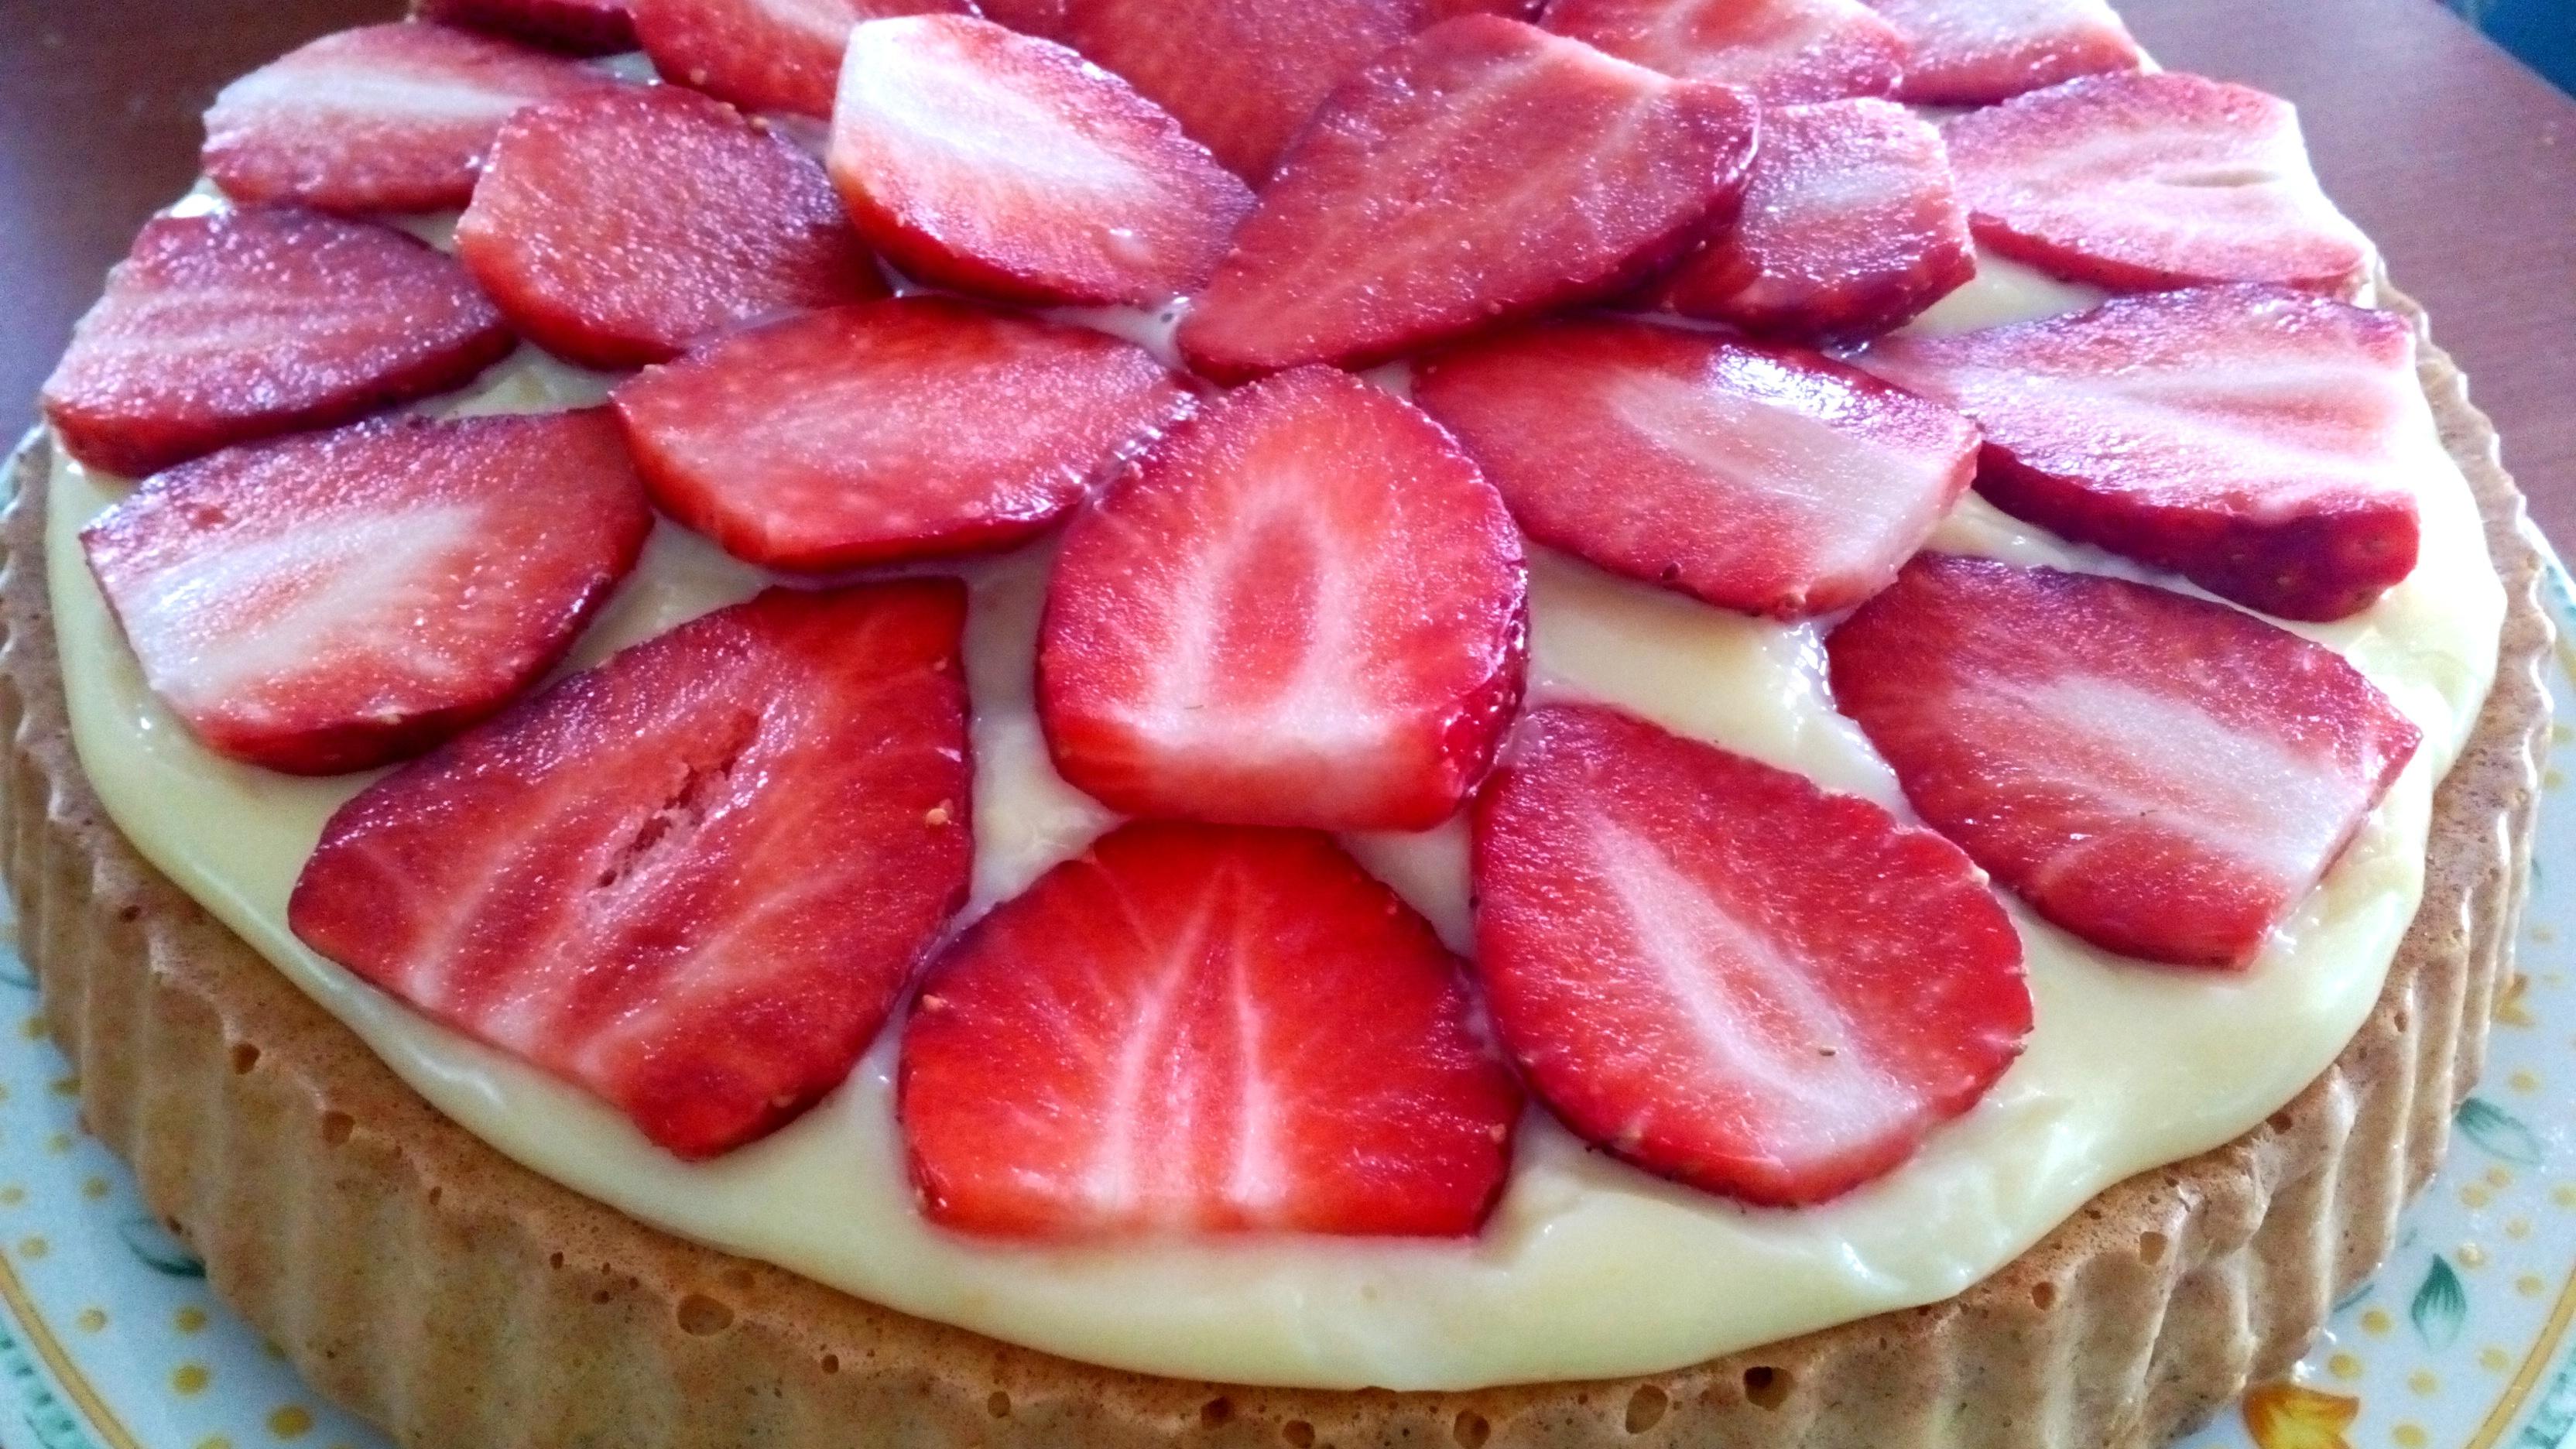 Diétás gyümölcstorta szénhidrátcsökkentett piskótából cukormentes pudinggal